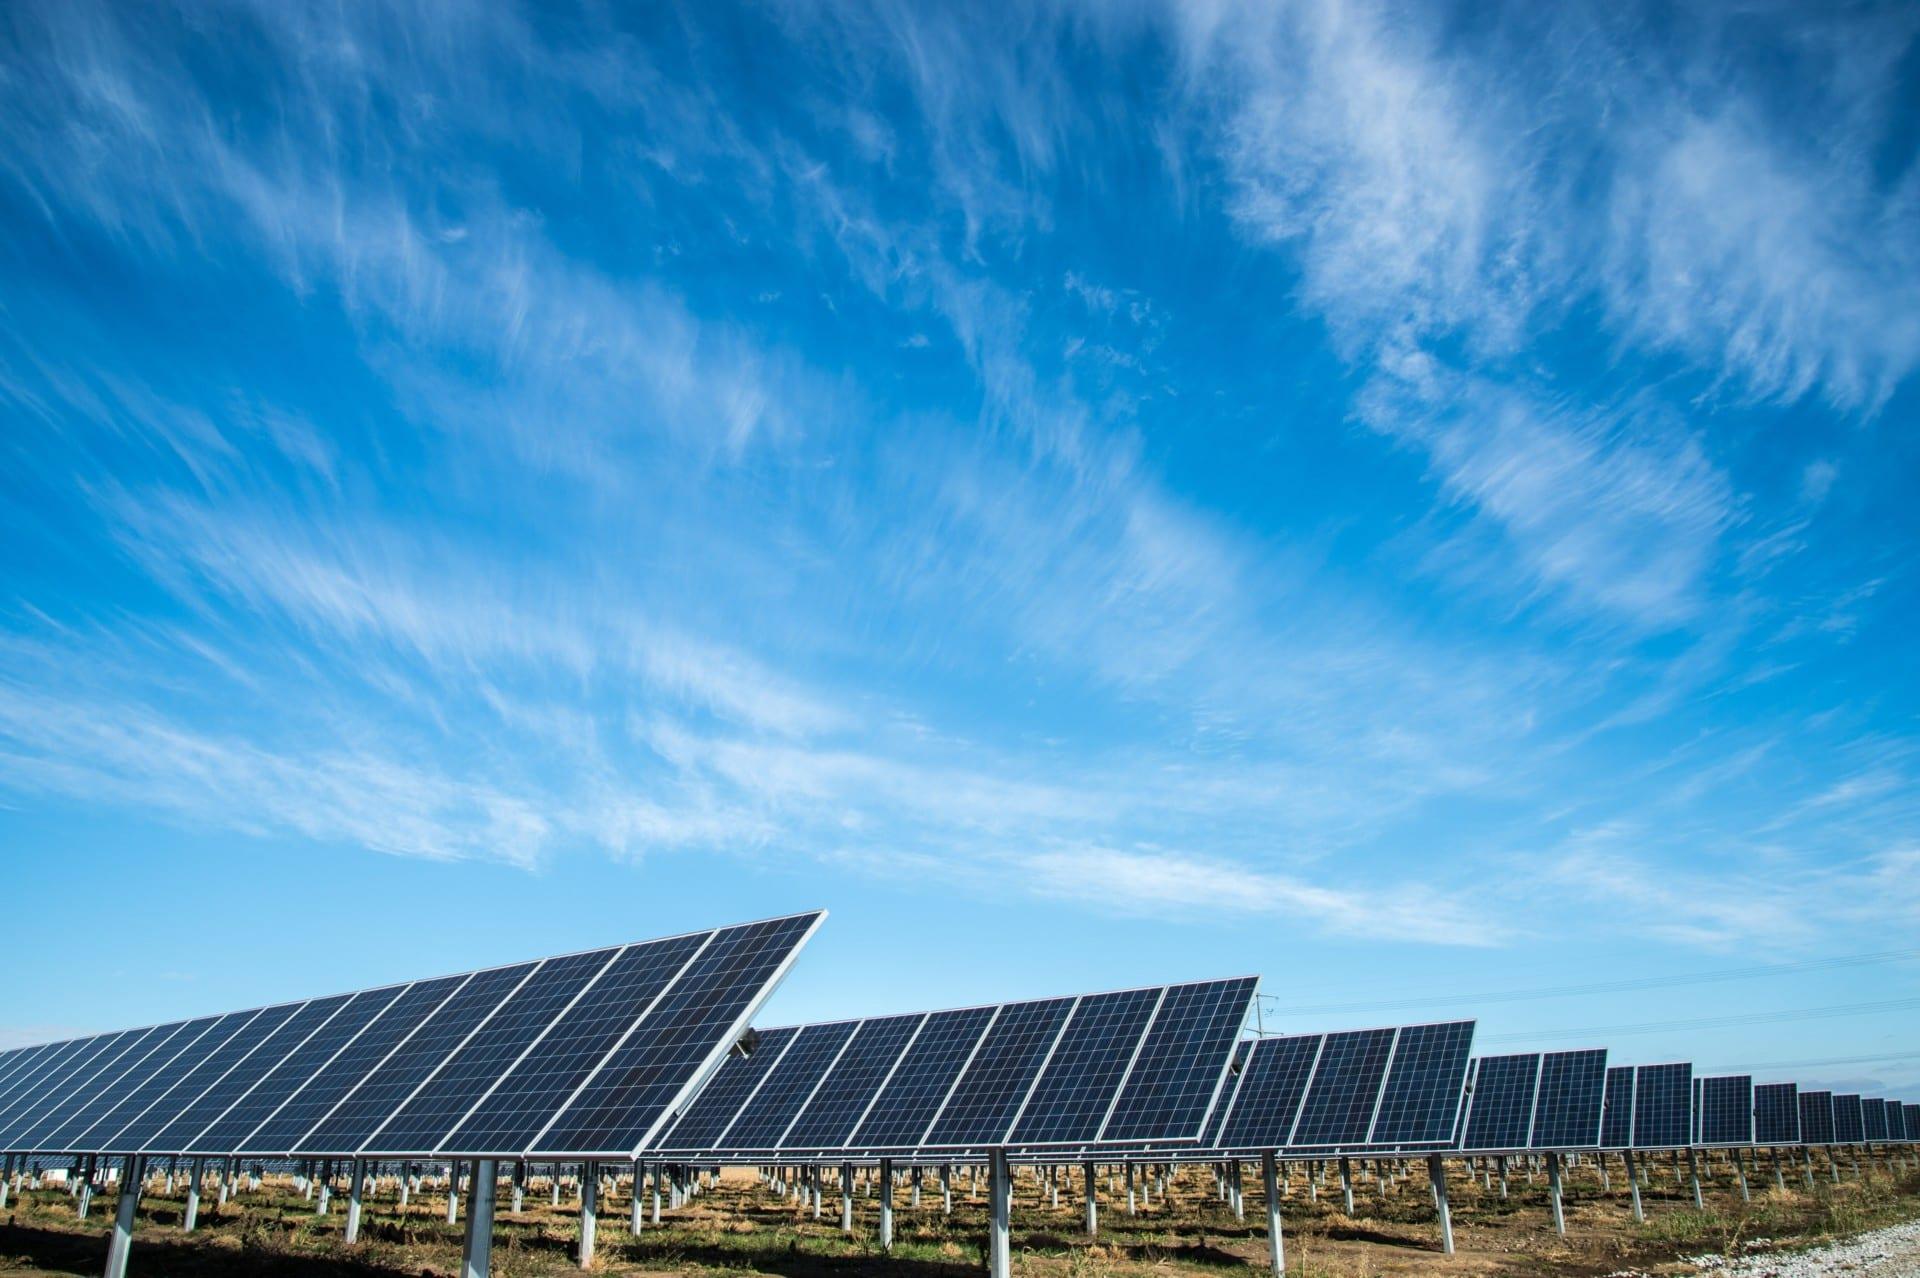 Energia solar: fonte renovável está em constante crescimento no país